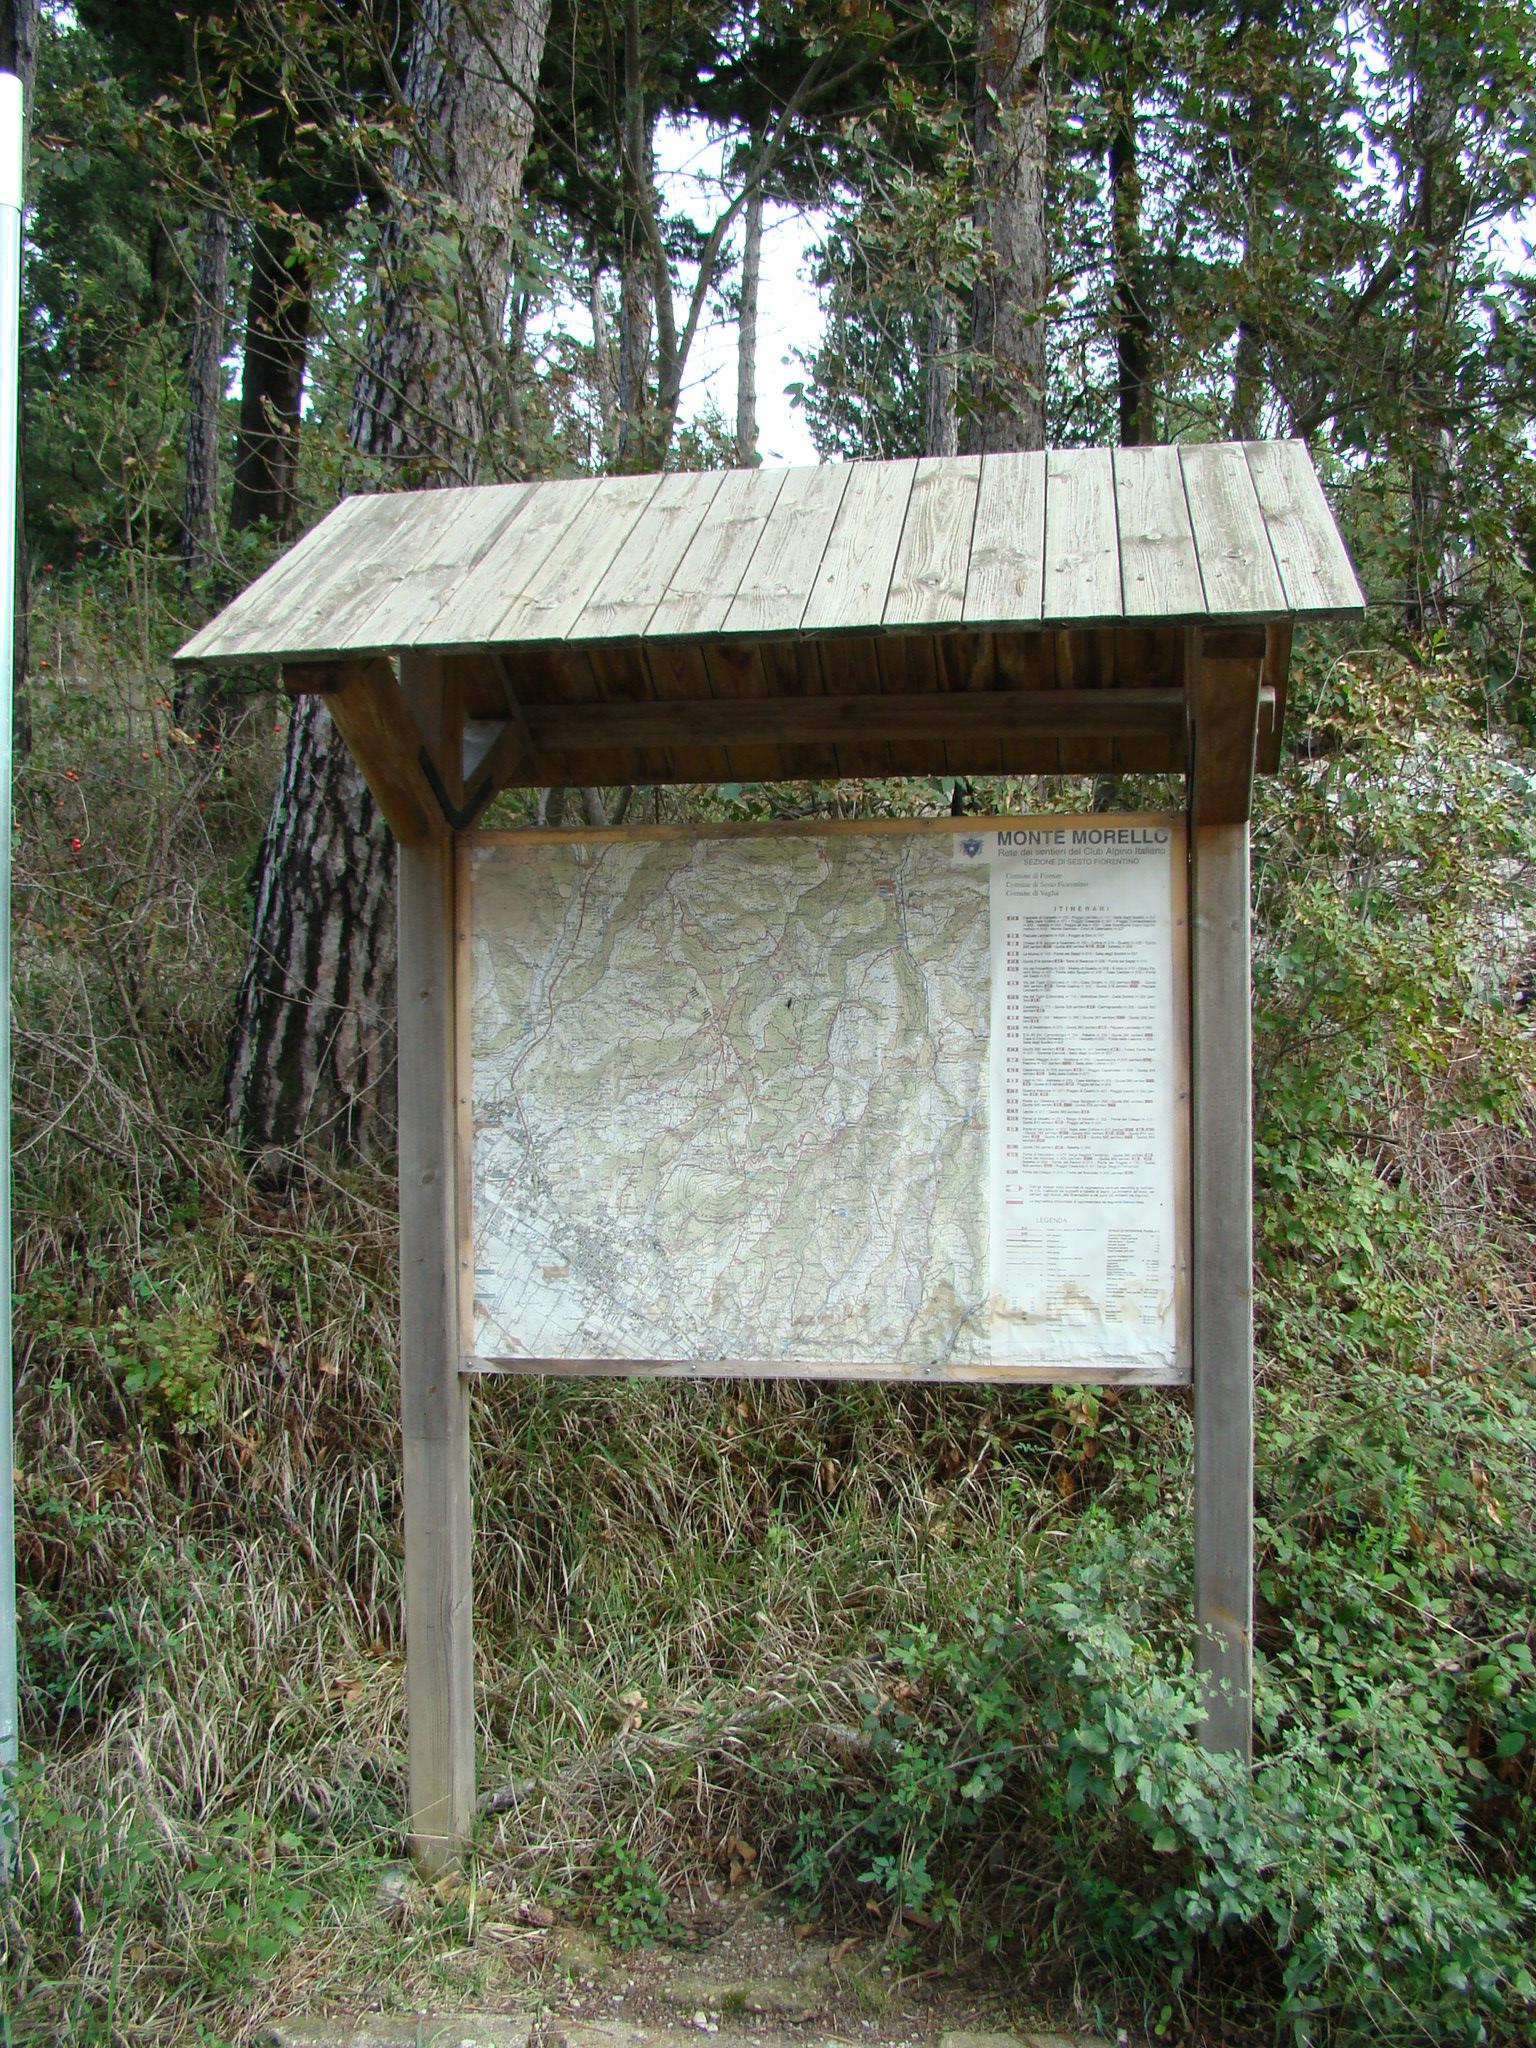 Bacheca informativa sull'area protetta (di Giuliana Profeti)